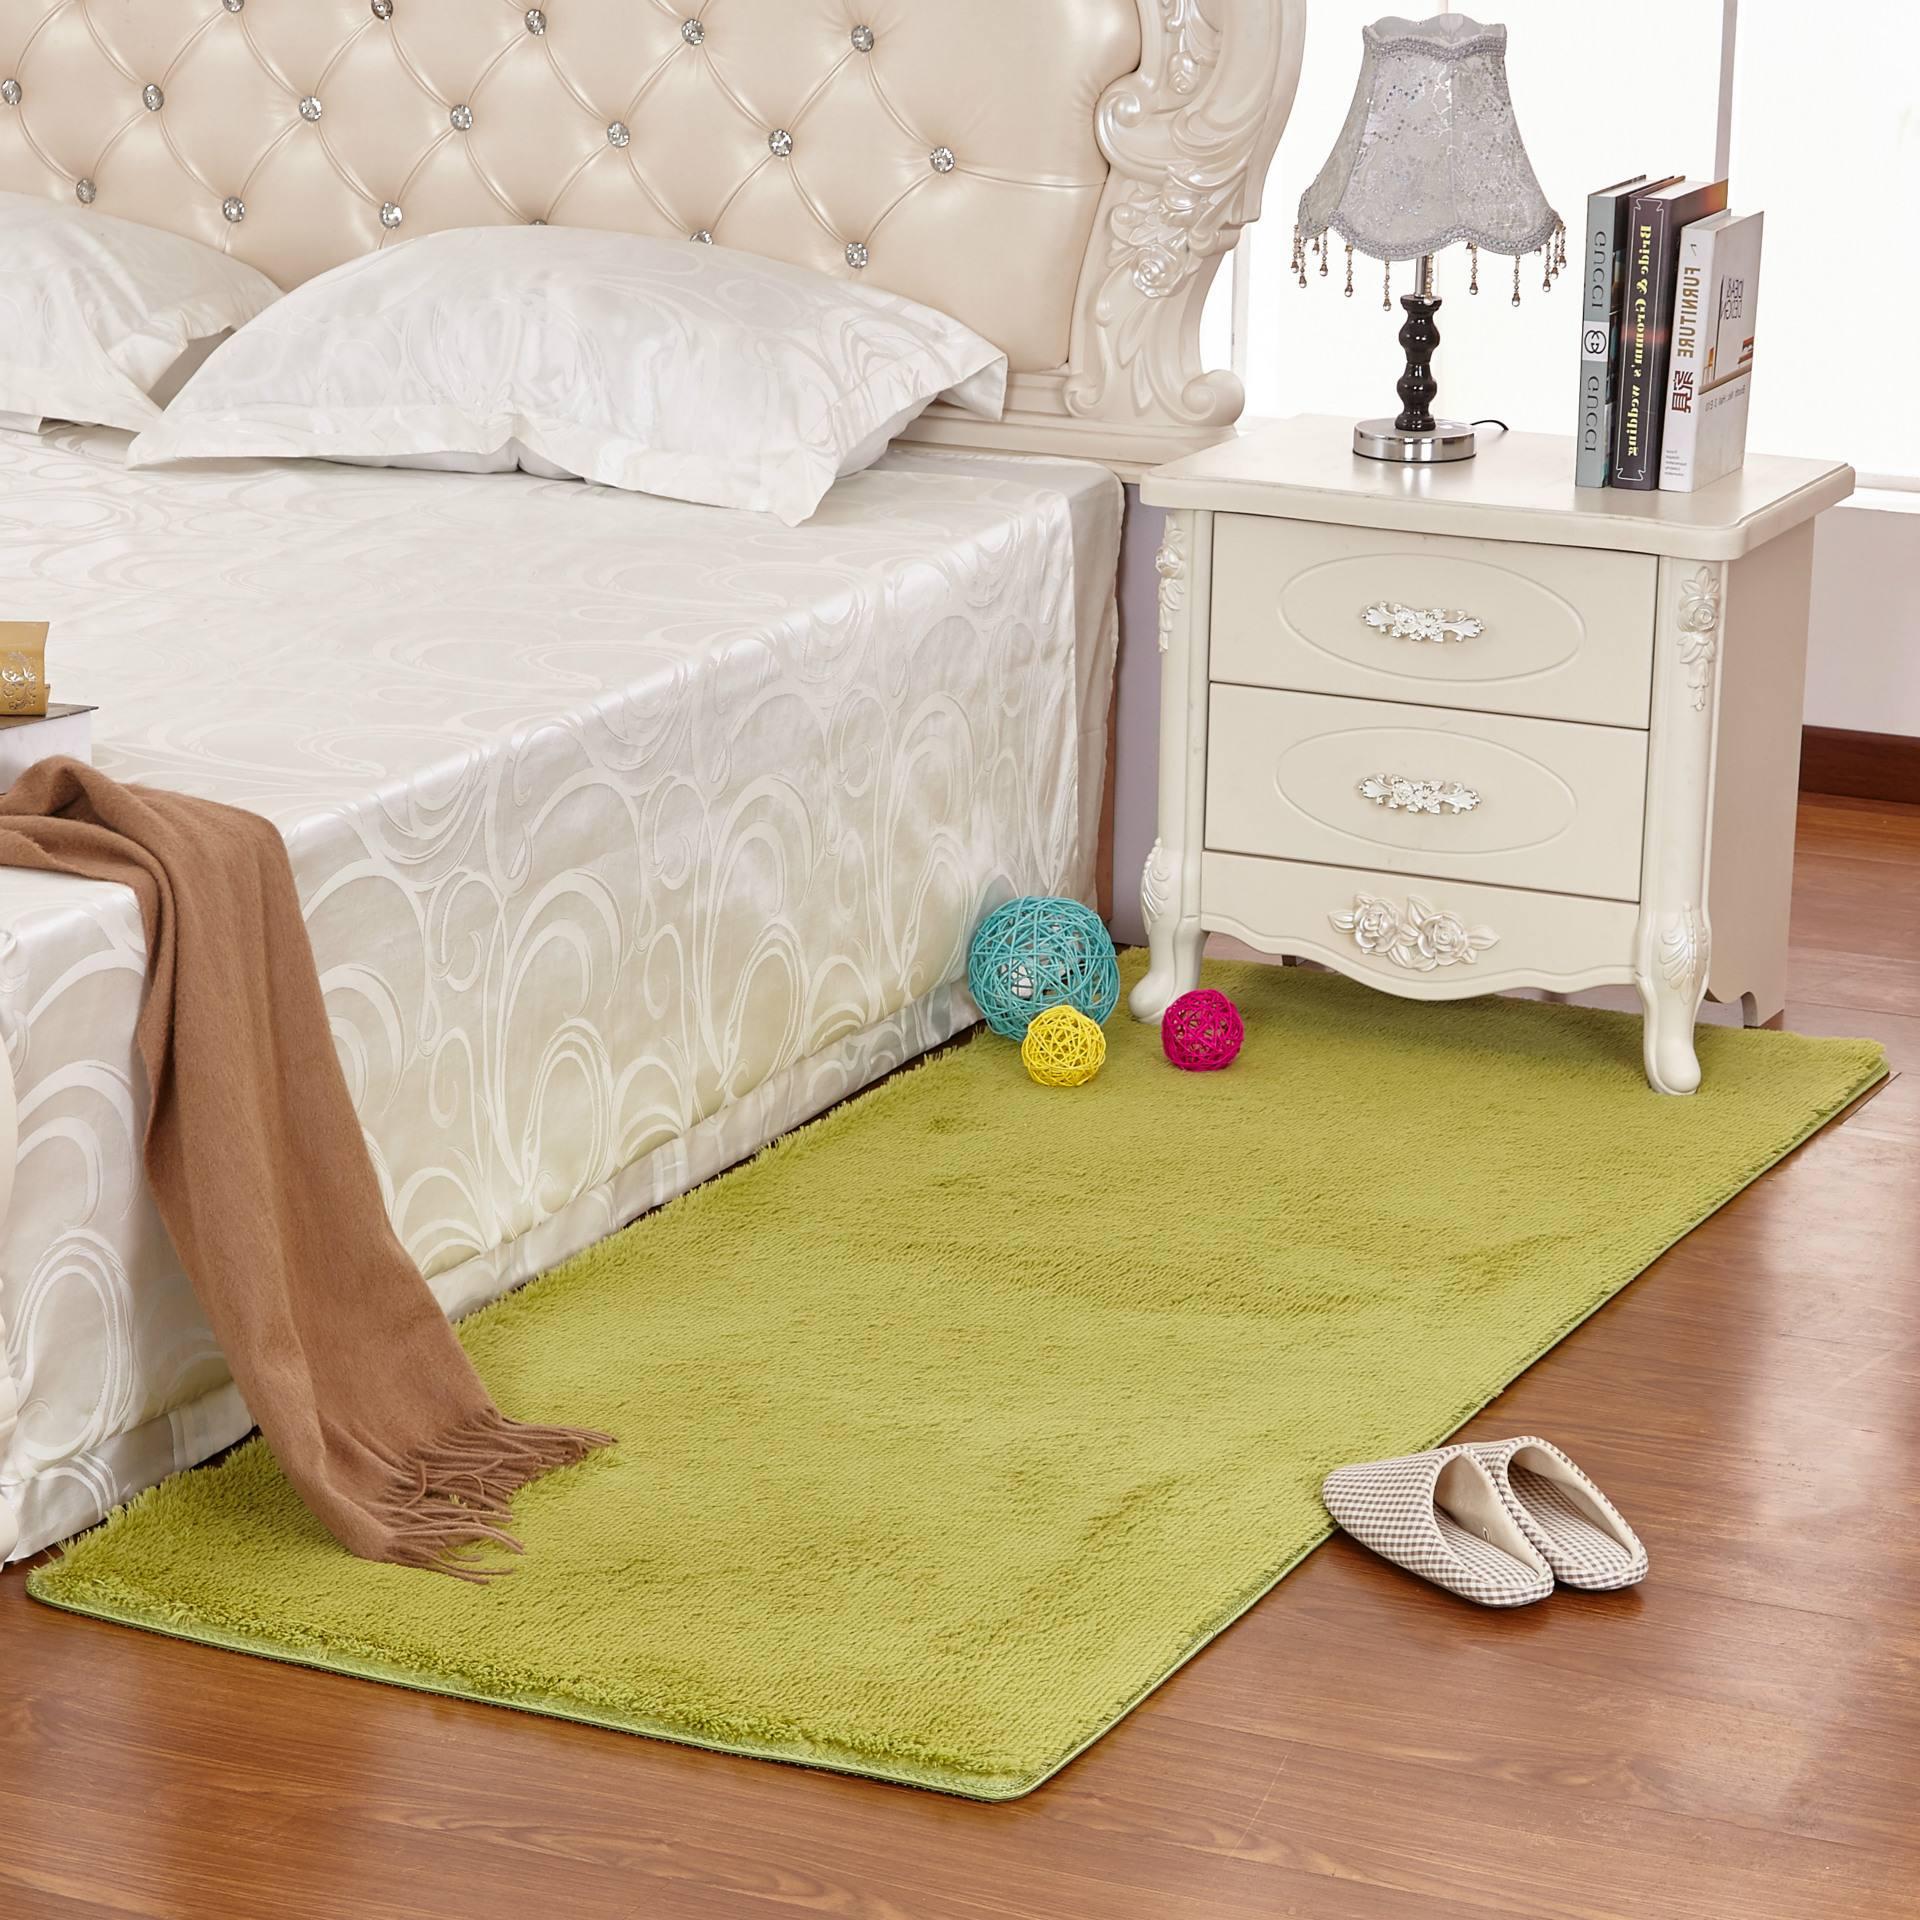 床边地毯应该怎么选择?